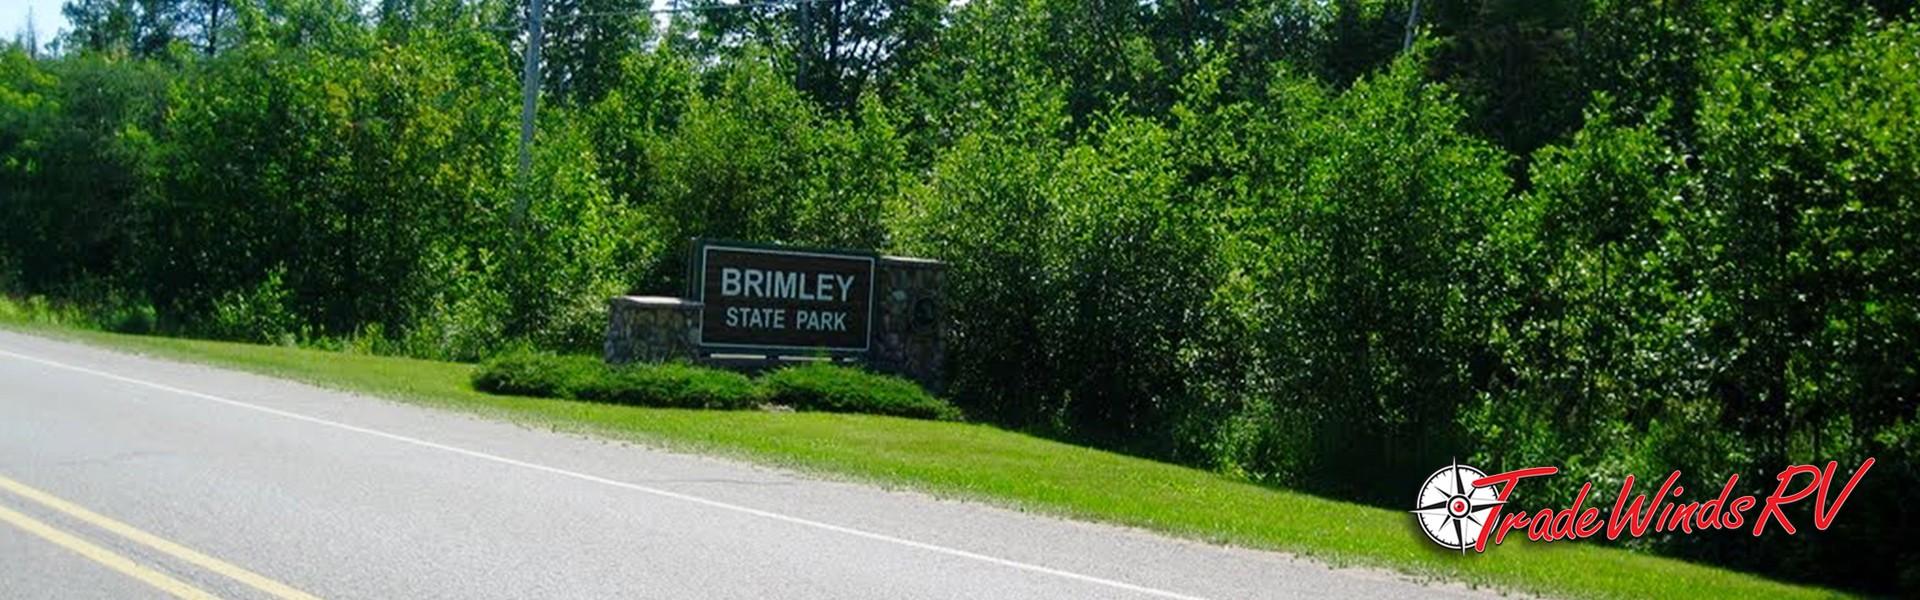 Brimley State Park Banner